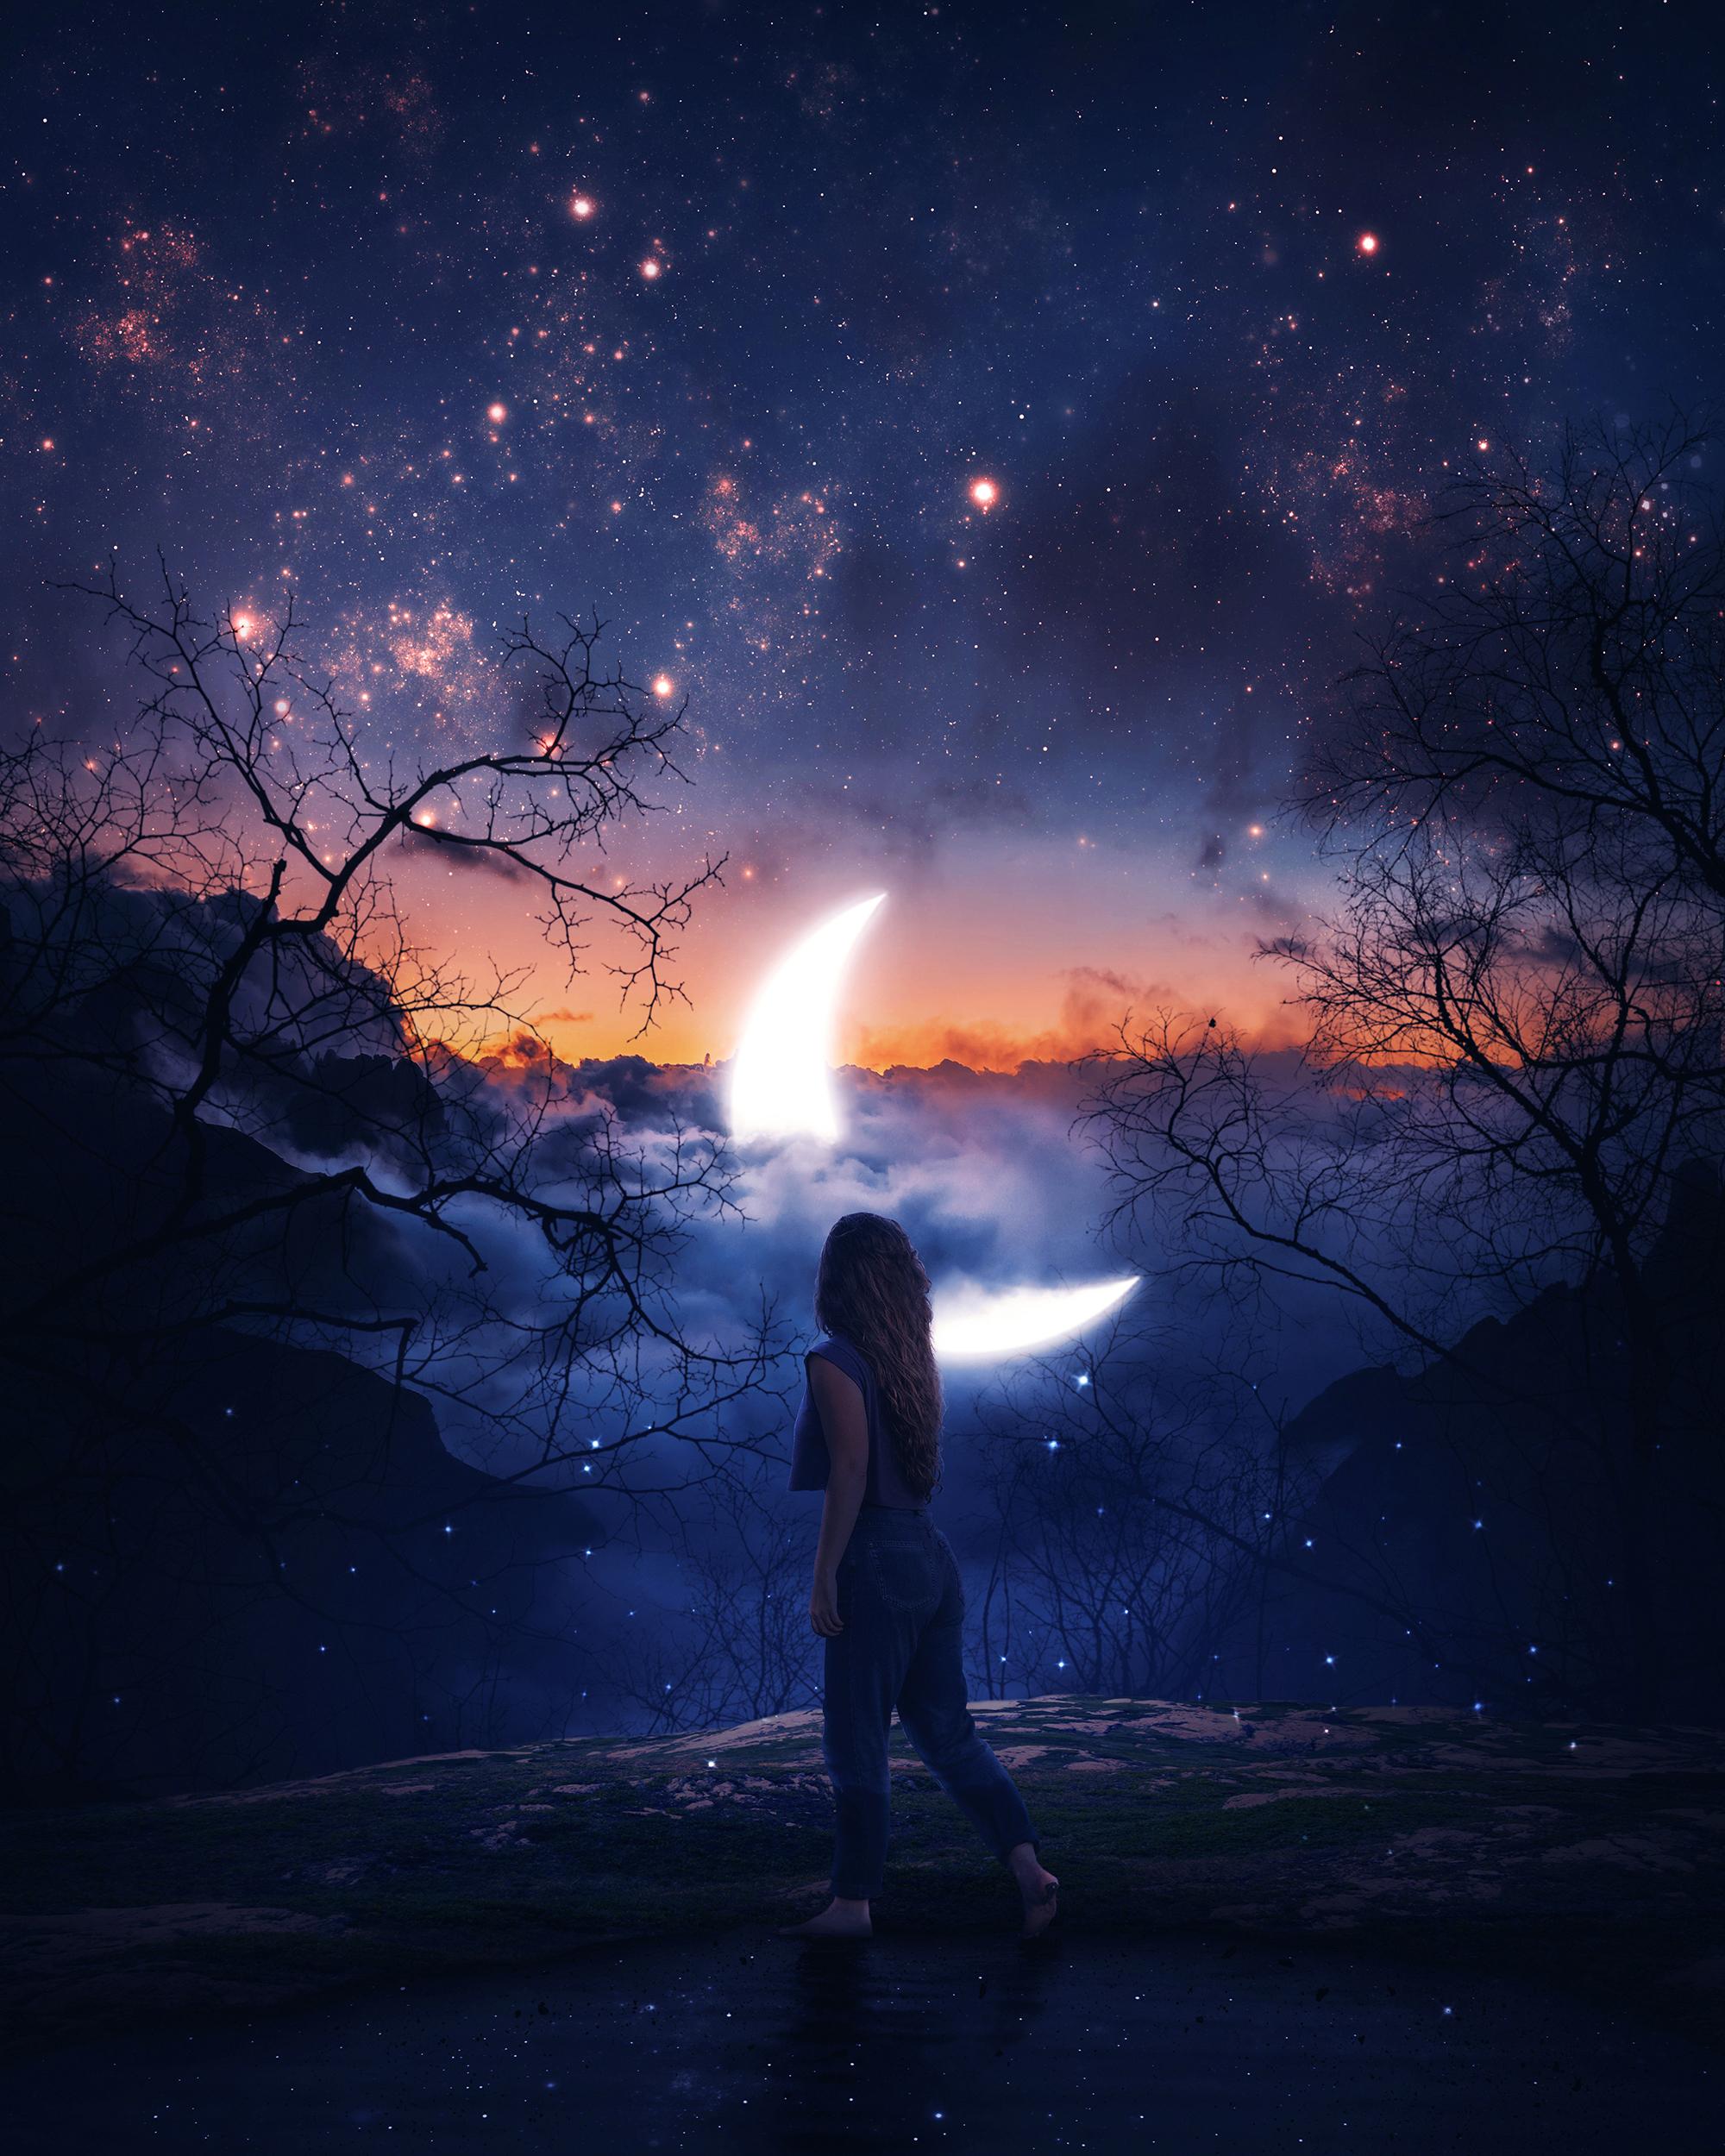 Фото Девушка стоит на фоне ночного неба с месяцем, by aronvisuals